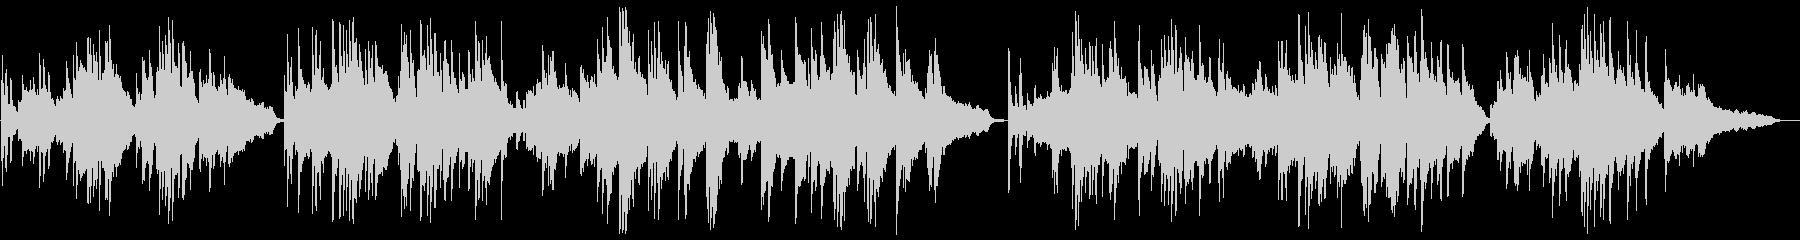 大人っぽく落ち着くピアノバラードの未再生の波形